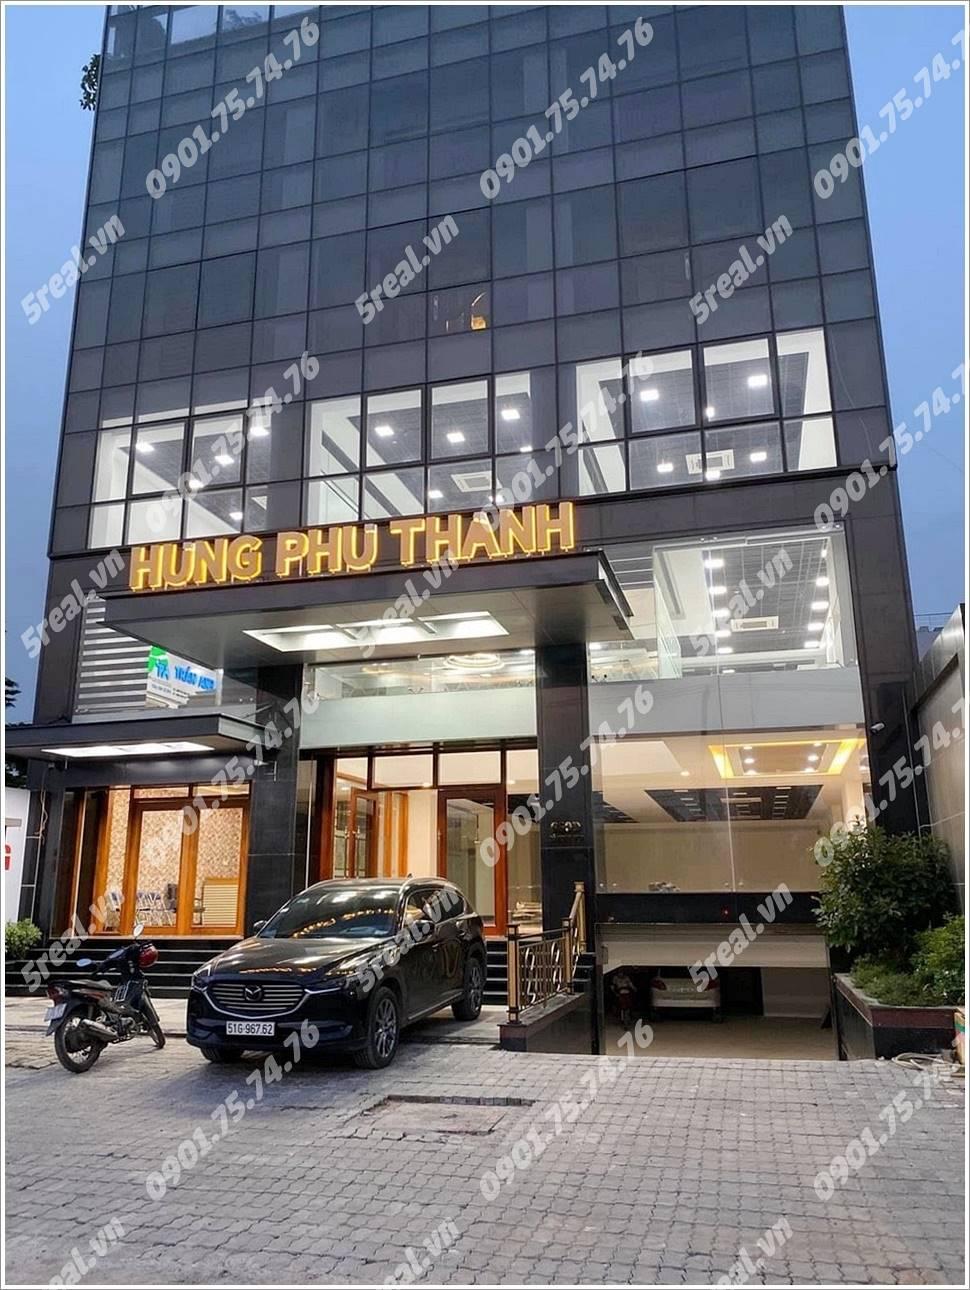 hung-phu-thanh-building-do-xuan-hop-quan-9-van-phong-cho-thue-5real.vn-01